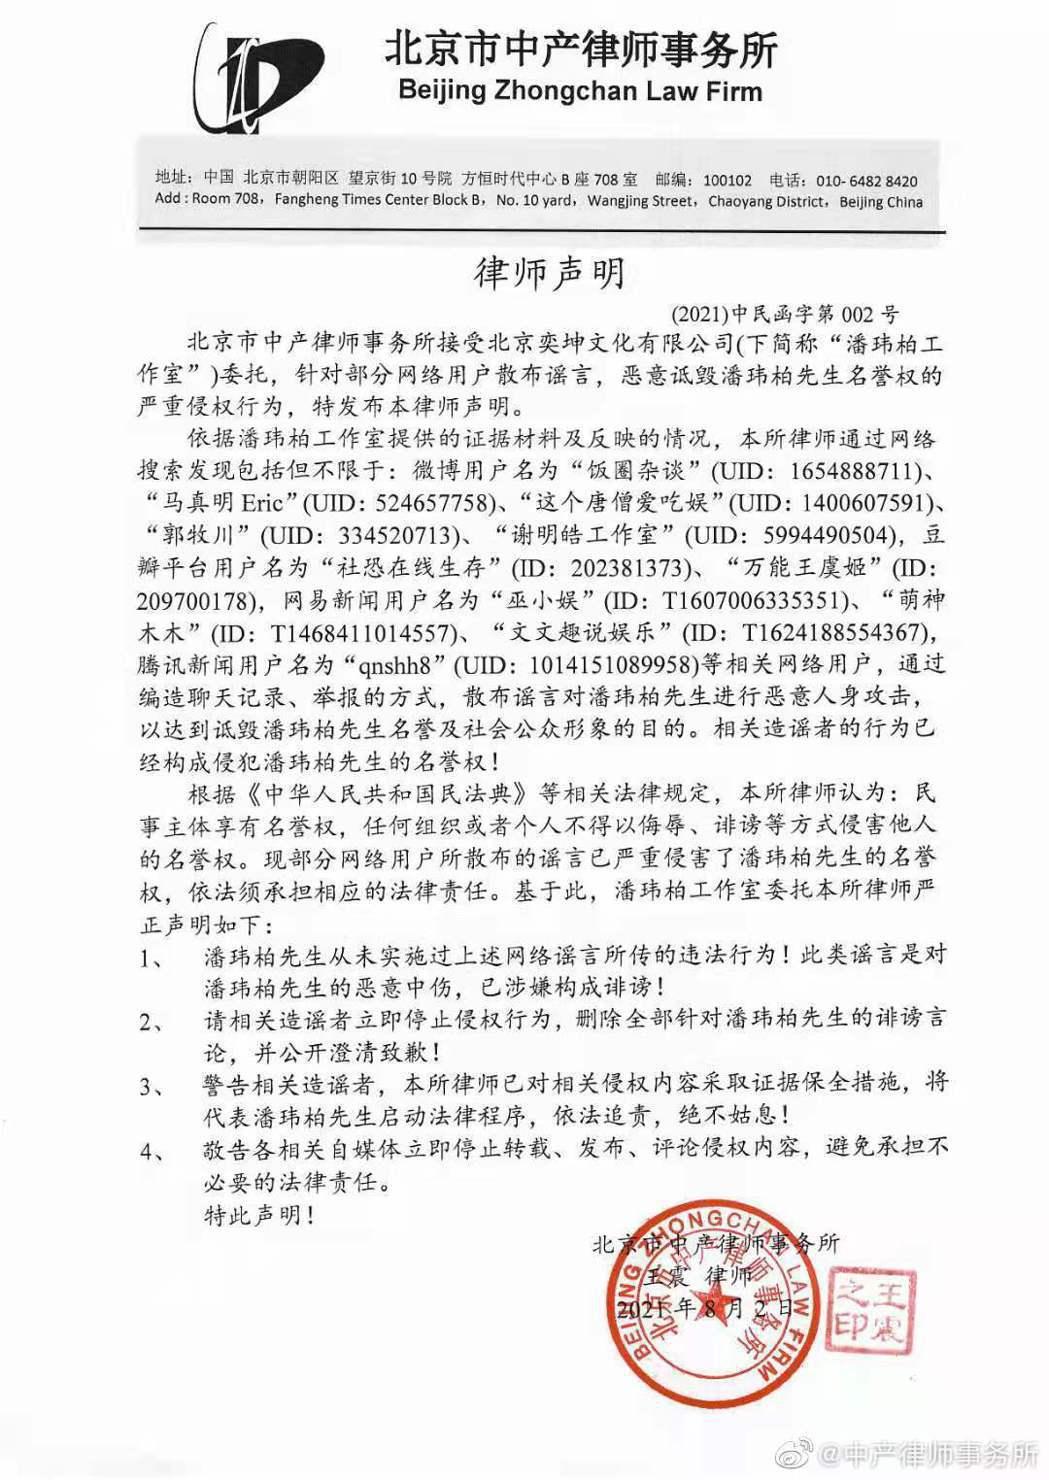 潘瑋柏衰捲吳亦凡風波,發聲明澄清。圖/擷自微博